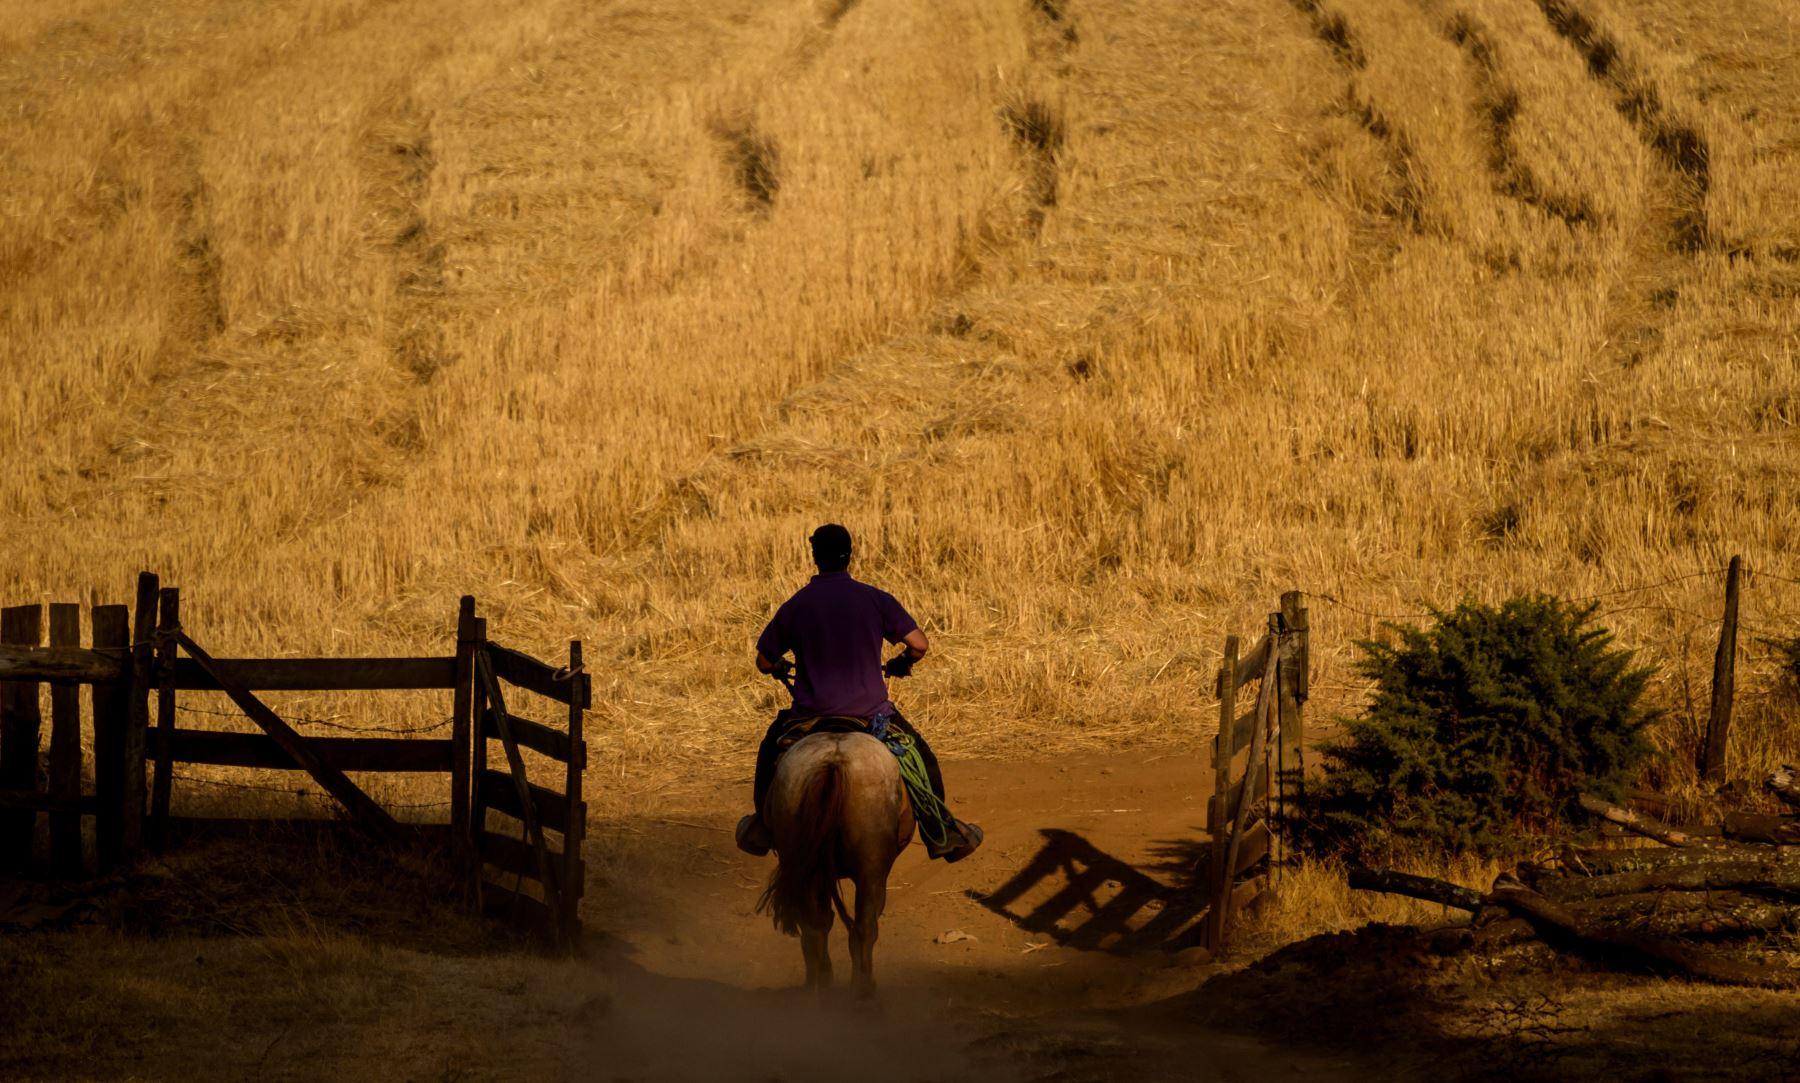 Un hombre monta un caballo alrededor de Galvarino en la región de Araucania, en el centro de Chile, cerca de un área afectada por un incendio forestal. Las autoridades declararon alerta roja en la región de Araucania ya que los incendios forestales mataron a dos personas, hirieron a otras dos y quemaron más Que mil hectáreas hasta ahora. AFP